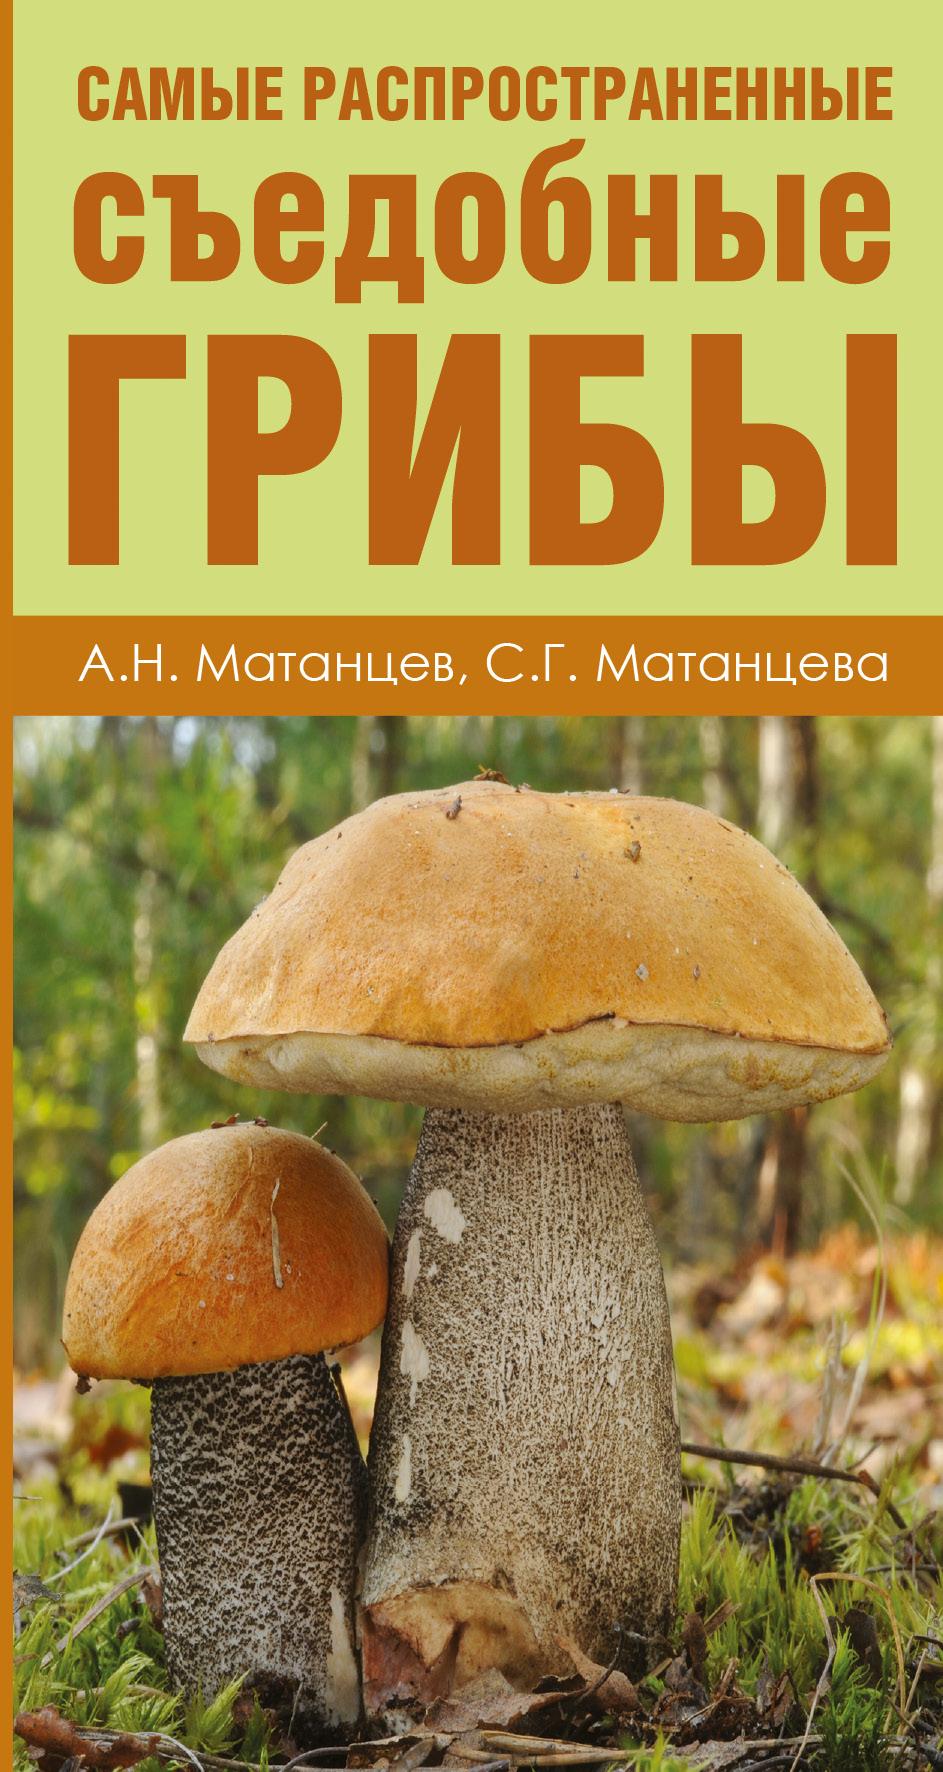 А. Н. Матанцев, С. Г. Матанцева. Самые распространенные съедобные грибы